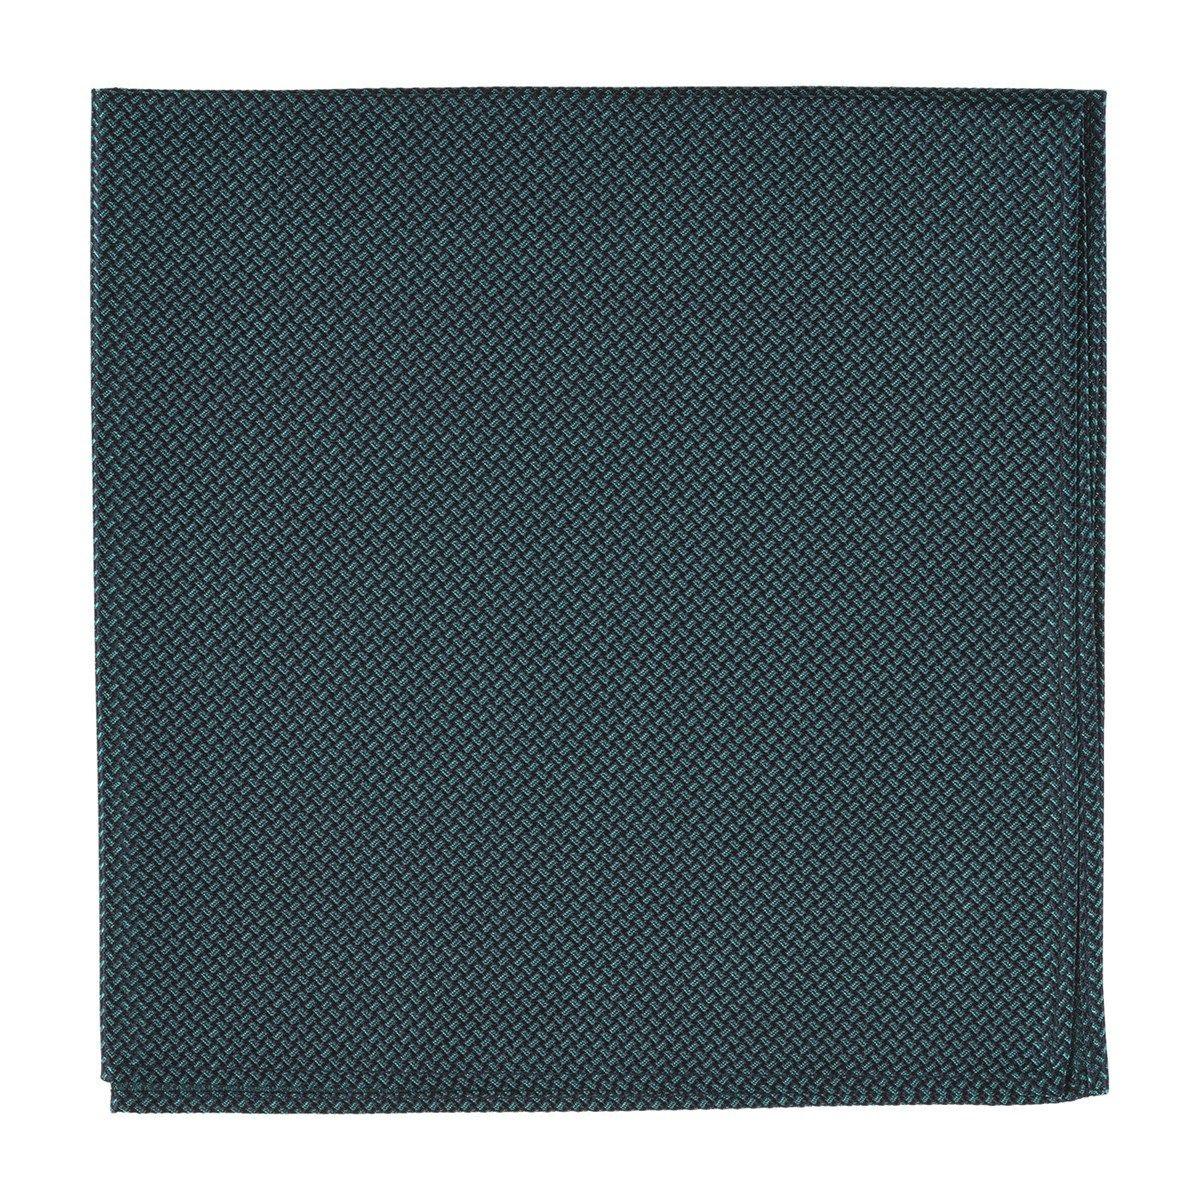 Pochette costume soie rectangle effet tissé